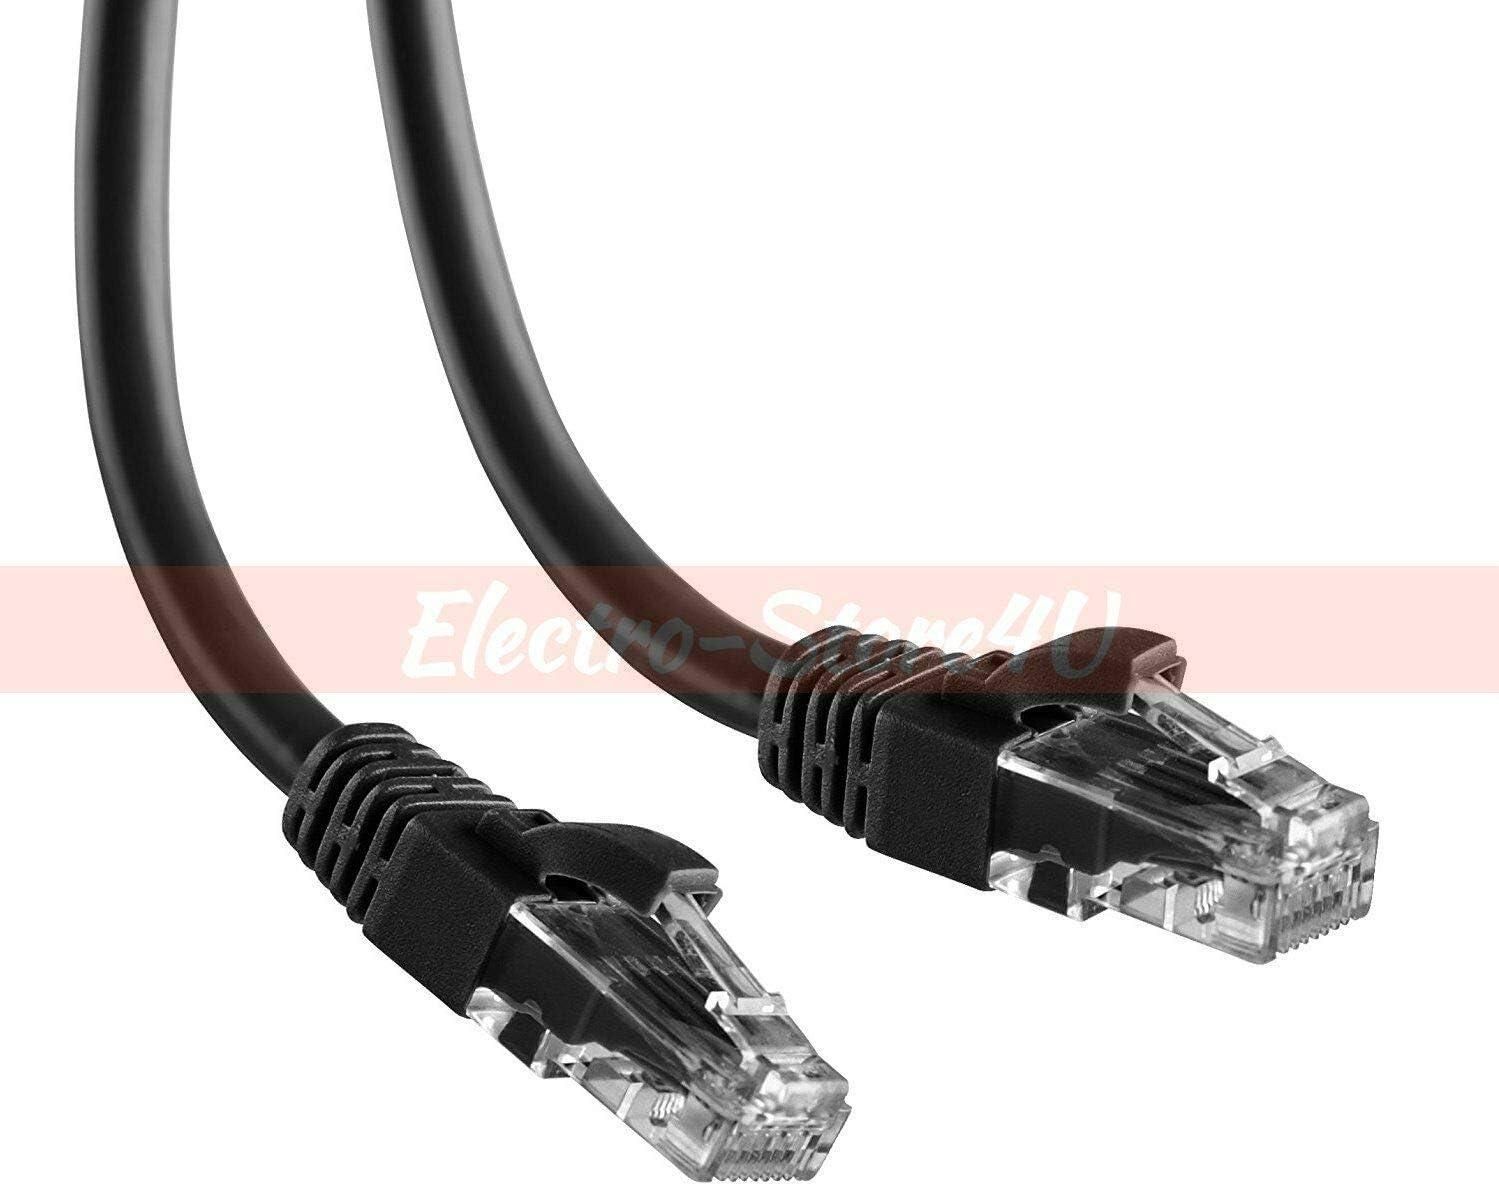 Cat6 Ethernet Patch Cable 1.5 3 5 7 10 15 20 25 30 50 75 100 200 Lot LAN Black 100ft.